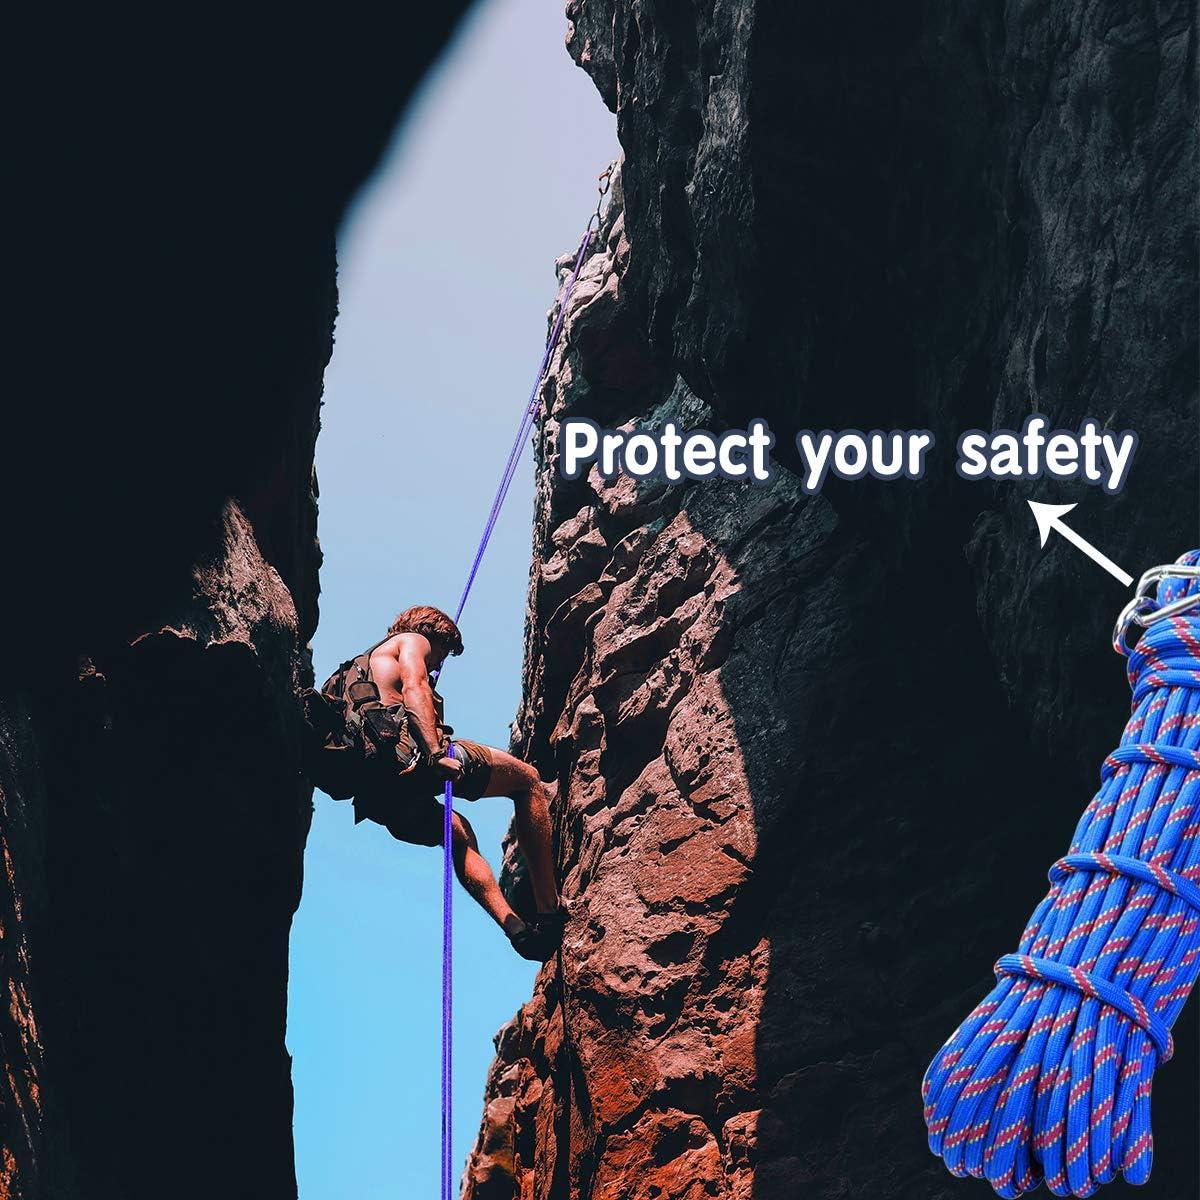 jiele Cuerda de escalada, auxiliar, espeleología, eslinga, equipo de cuerda multiusos resistente, diámetro de 10 mm, cuerda duradera